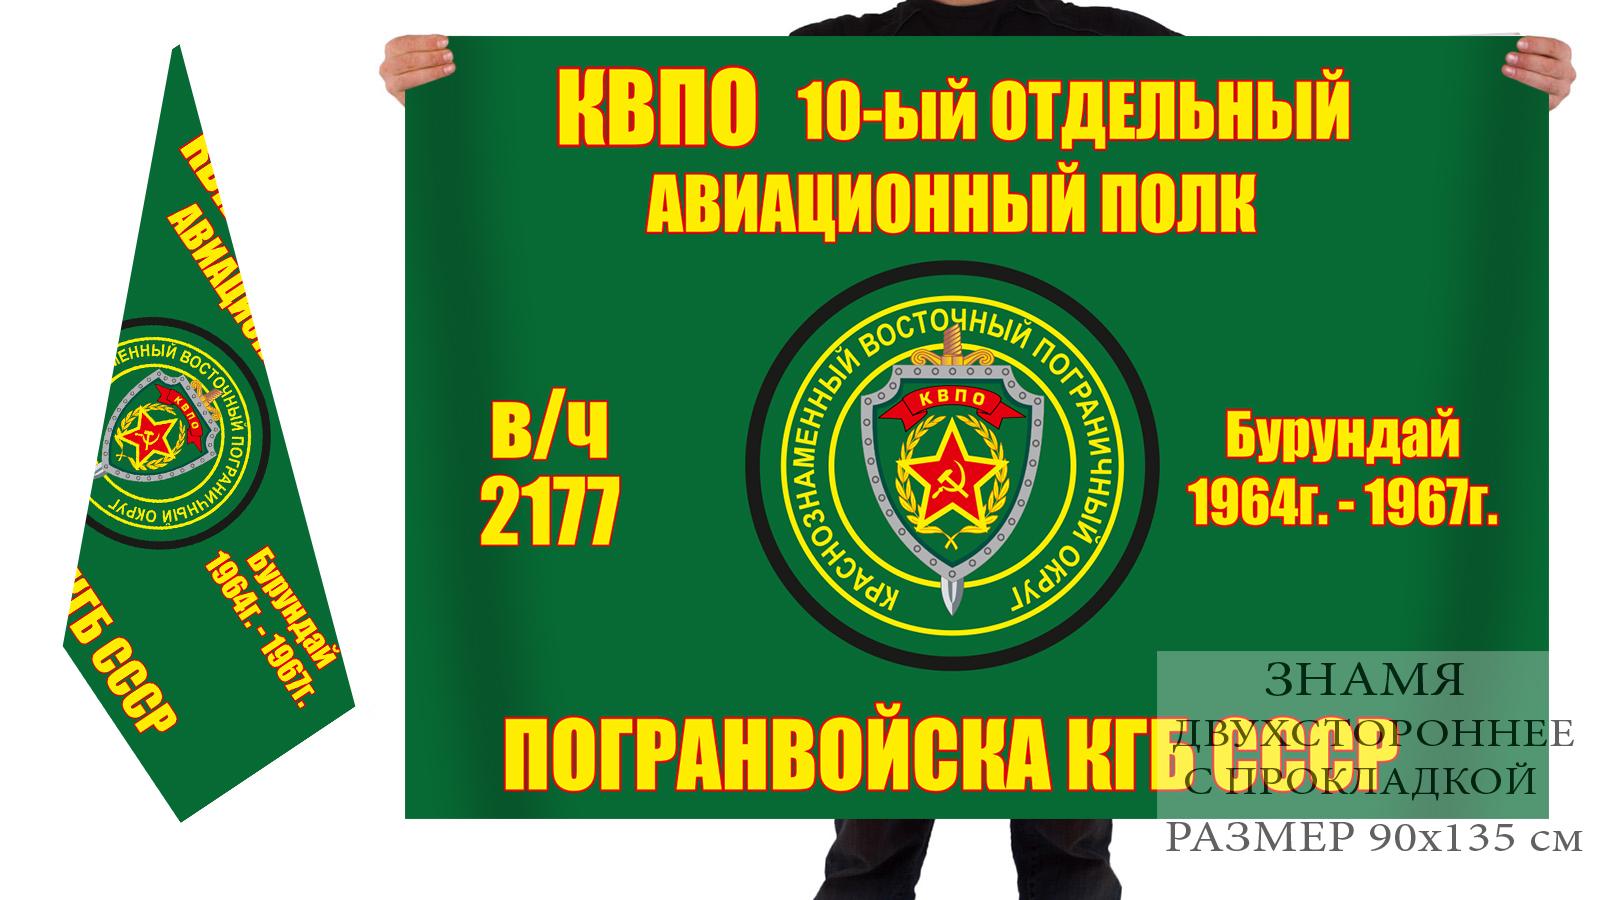 Двусторонний флаг 10 авиаполка погранвойск КВПО